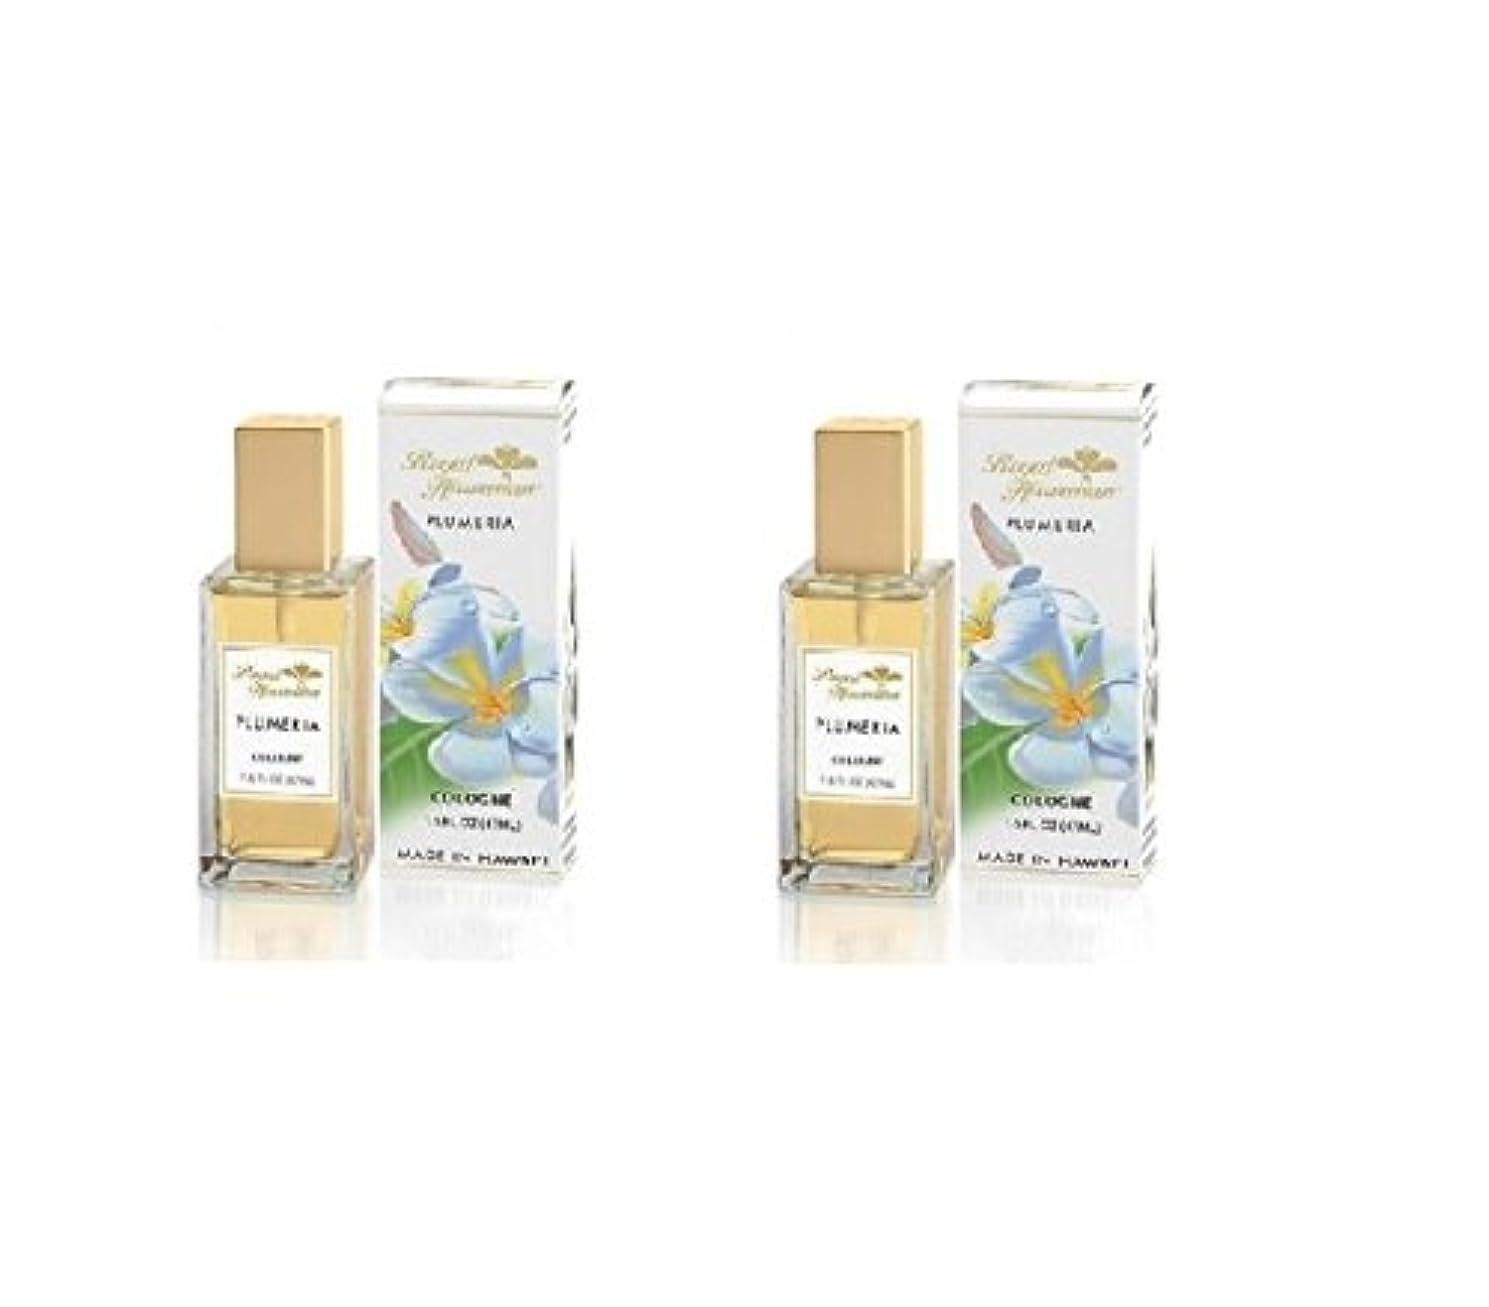 磁器信じられないラボ〈海外直送品〉ロイヤルハワイアン プルメリア香水(コロン)2本 ギフトラップ